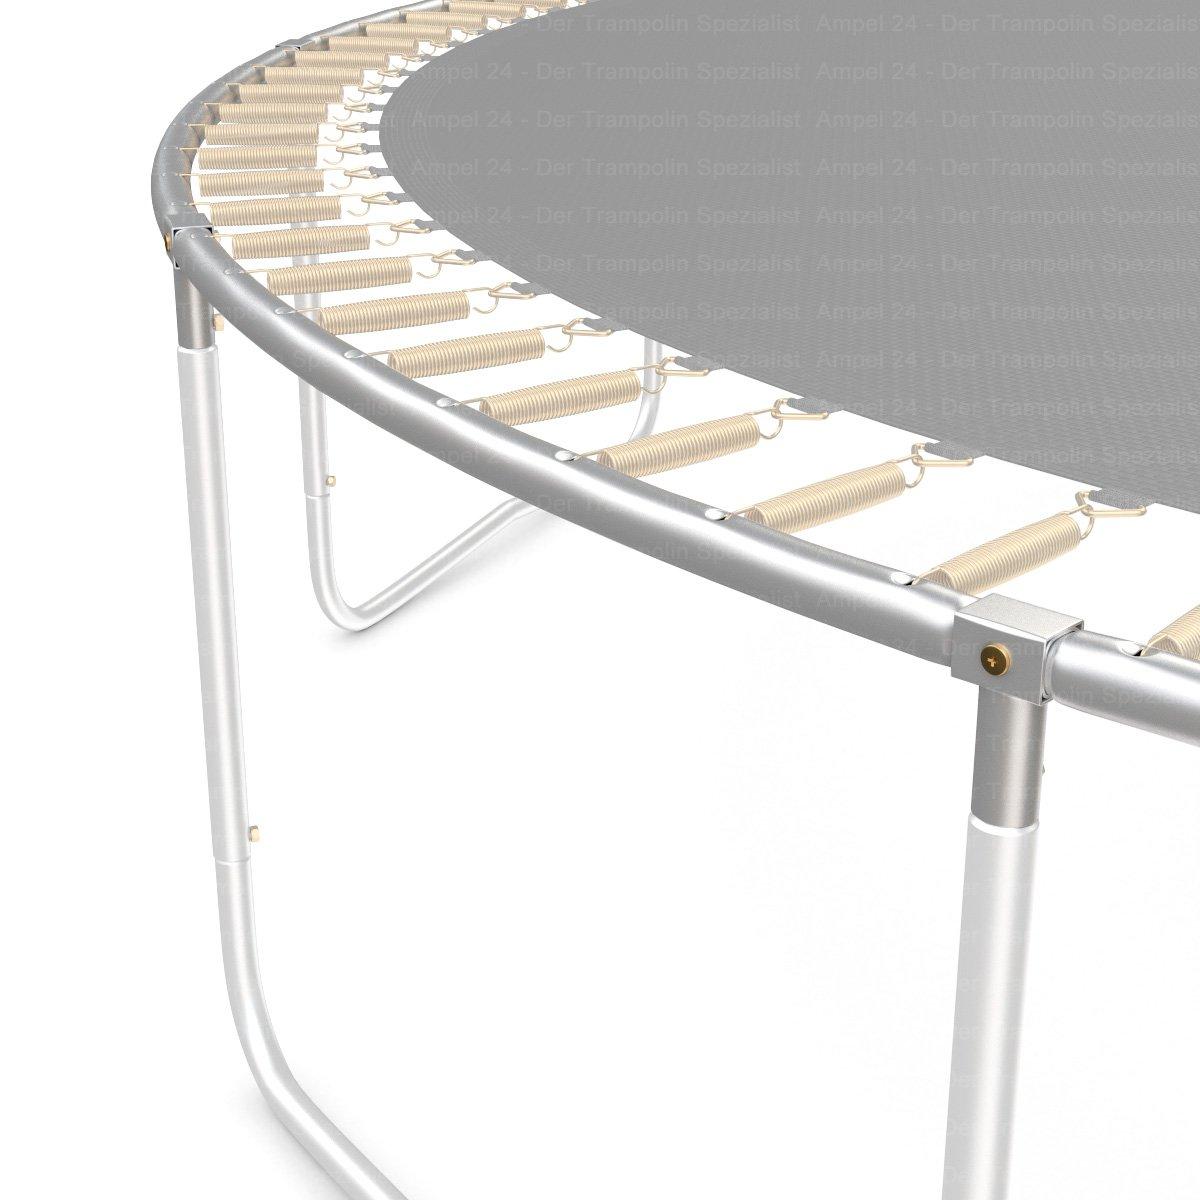 Klassik Rahmenteil für Trampolin Ø 305 cm, mit T-Stück